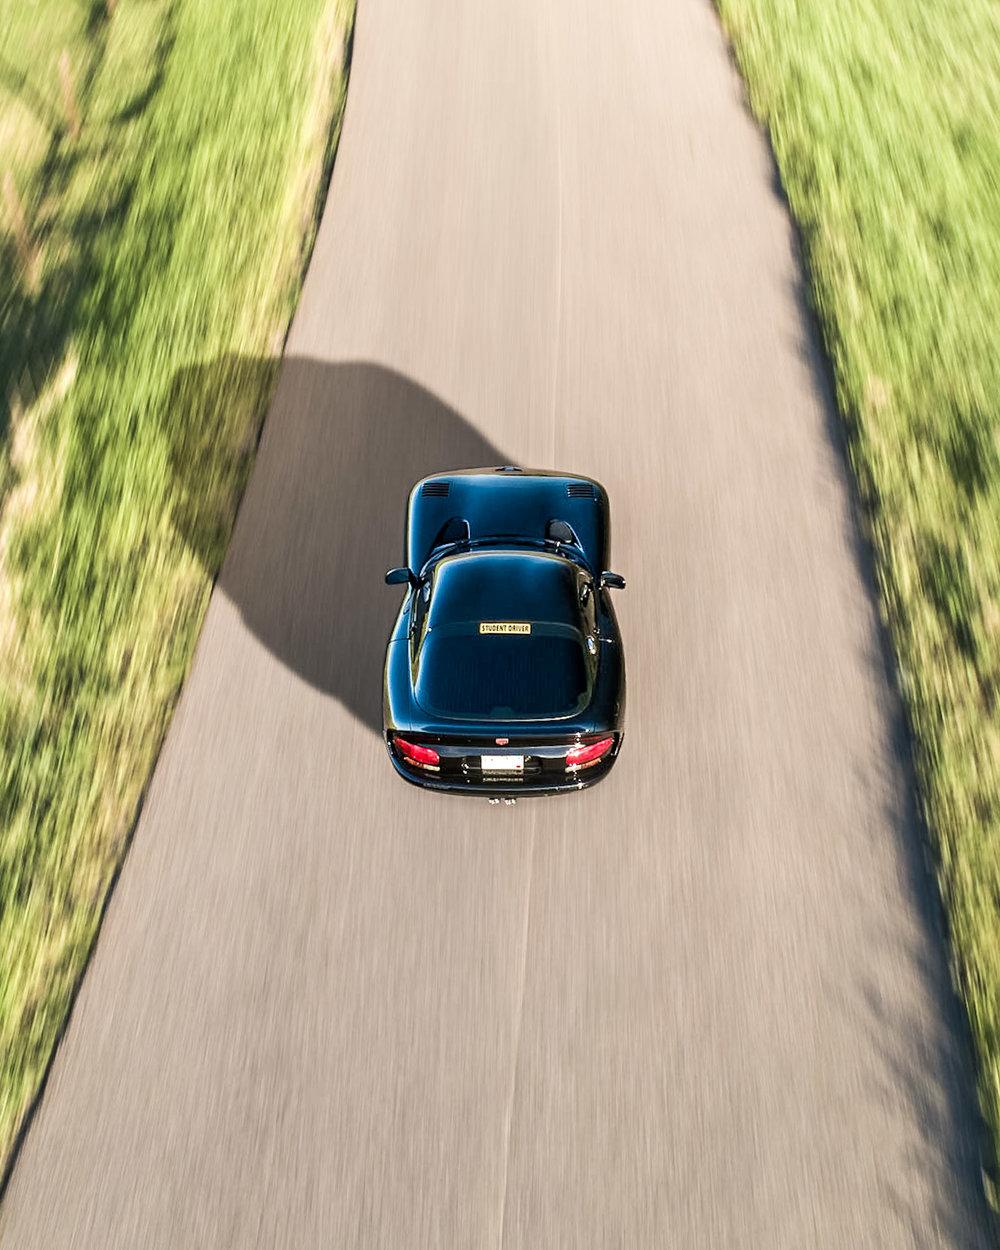 viper-gts-aerial-2-car-photography-brian-laiche.jpg